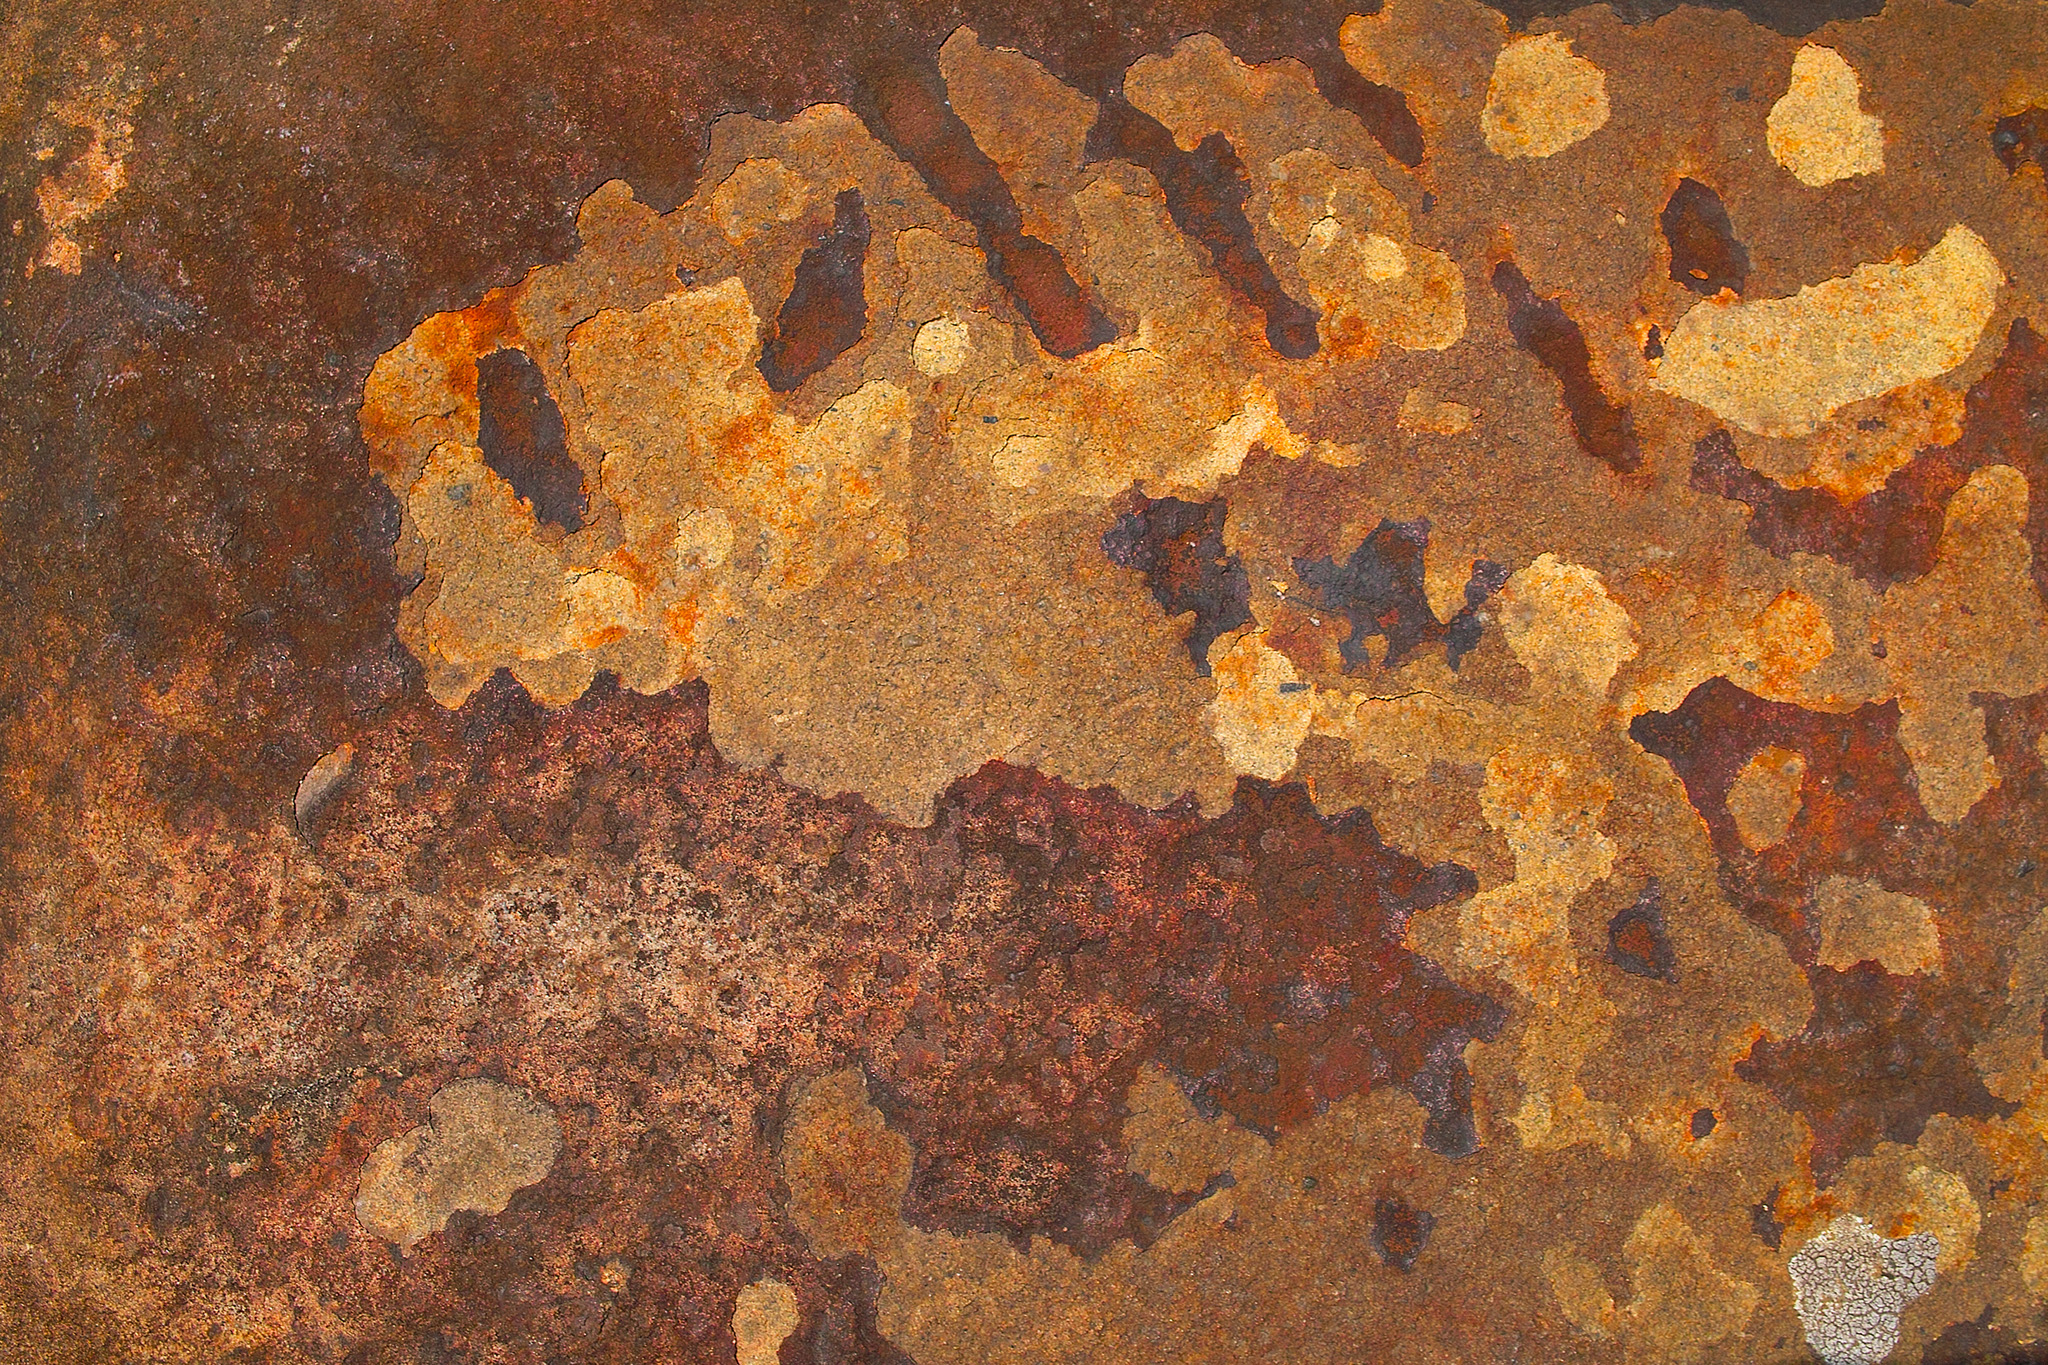 錆びた部分が剥がれ落ちた金属